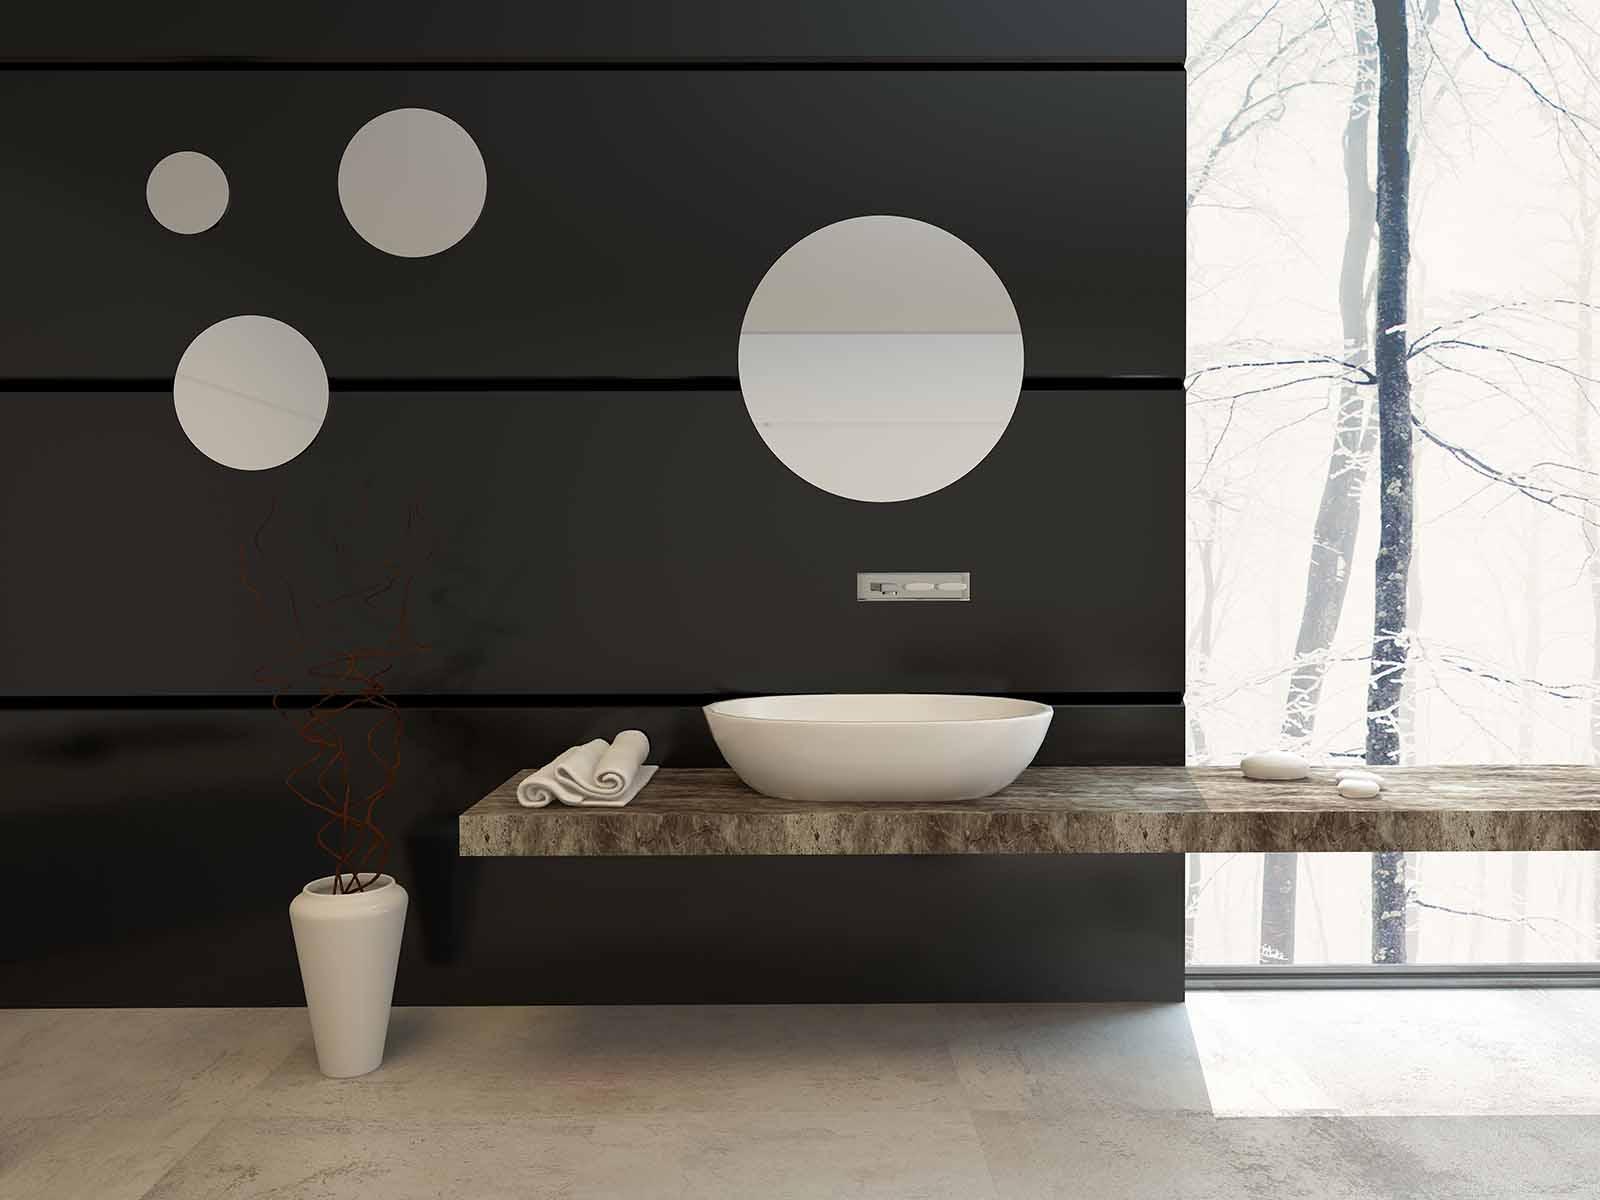 Moderne bad med runde speil med dekorativ funksjon